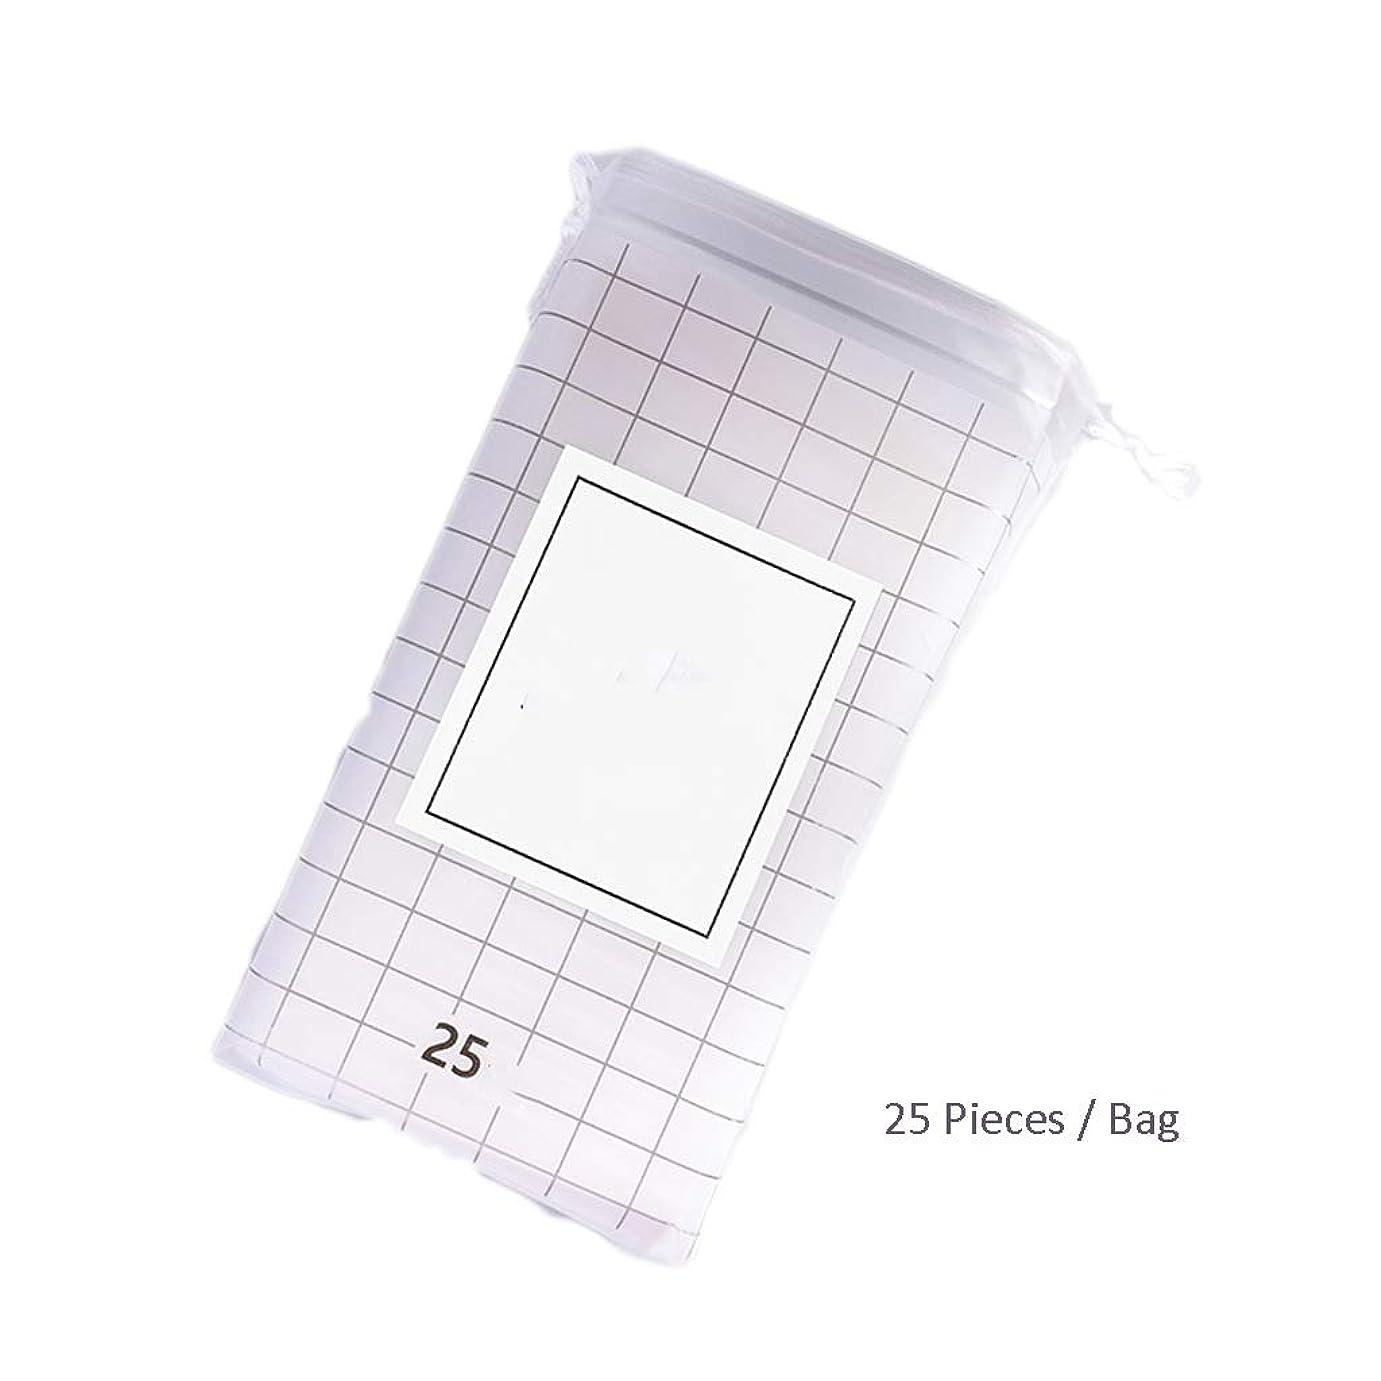 袋色浸食クレンジングシート メイクアップフェイシャルカットコットンクレンジングタオルコットンタオルドライ&ウェットクレンジングタオル使い捨てクレンジングタオル (Color : A, サイズ : 20*24cm)